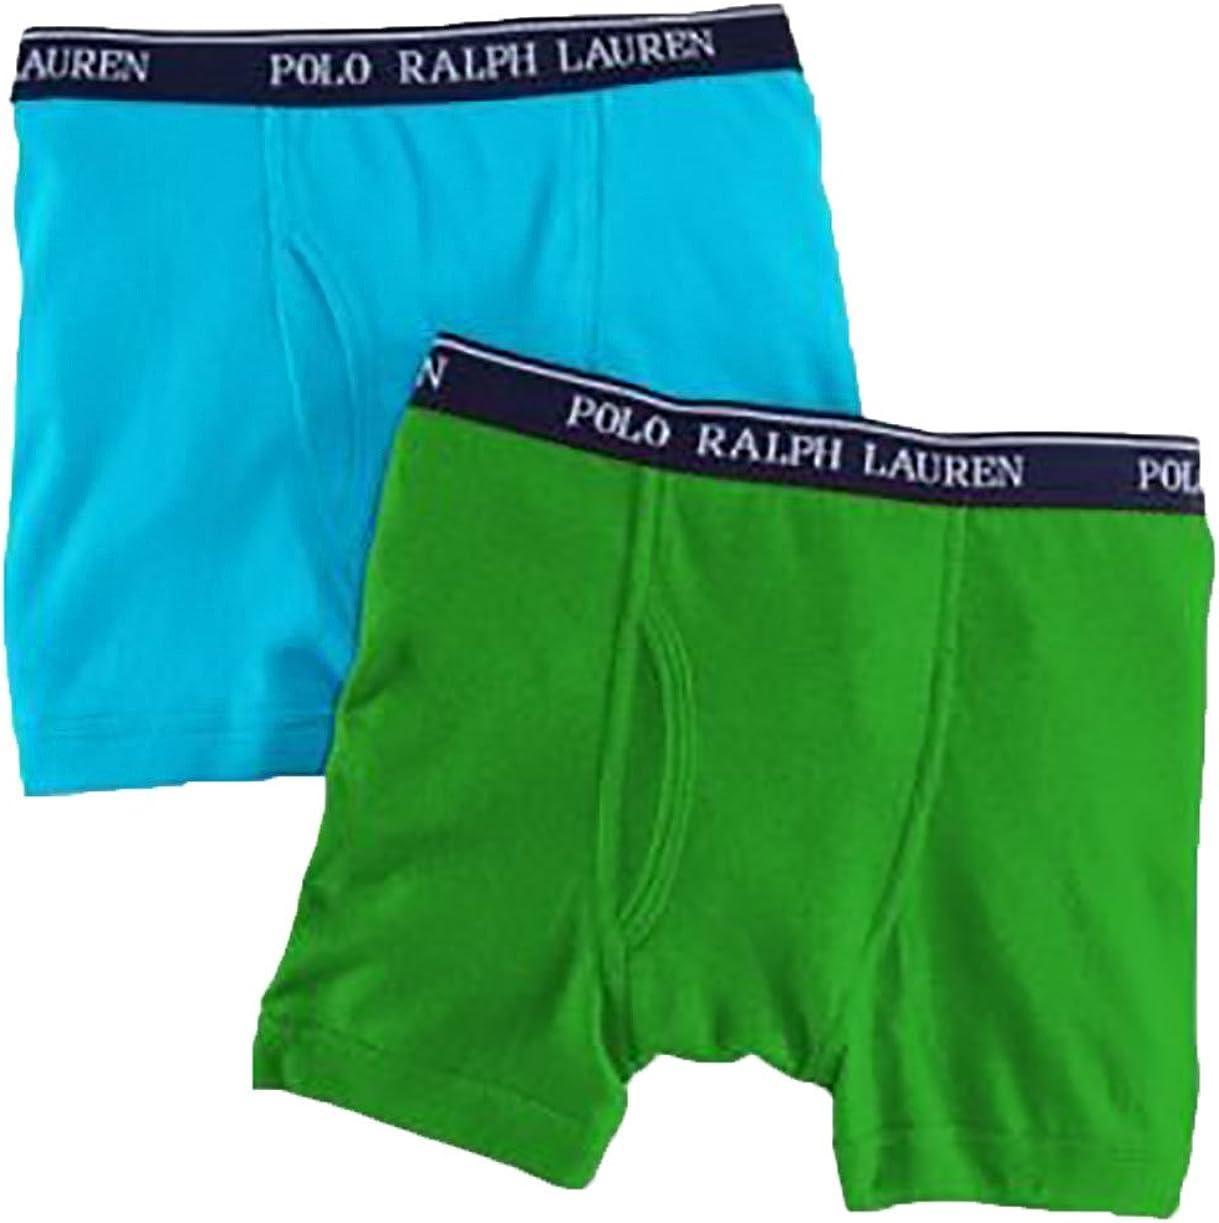 Ralph Lauren Polo Calzoncillos Tipo bóxer para niños (2 Unidades ...